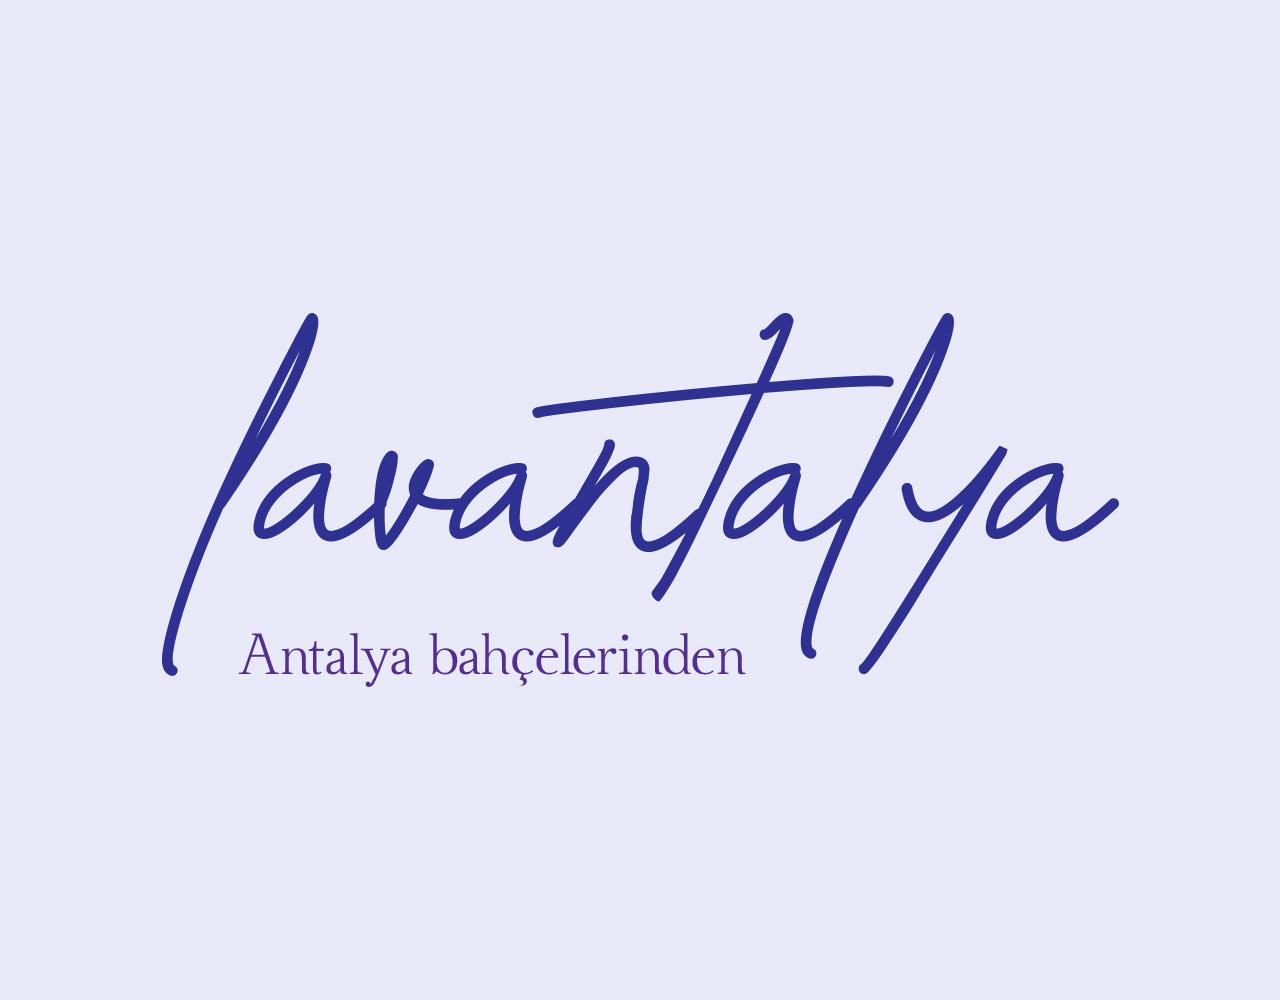 logo_lavantalya